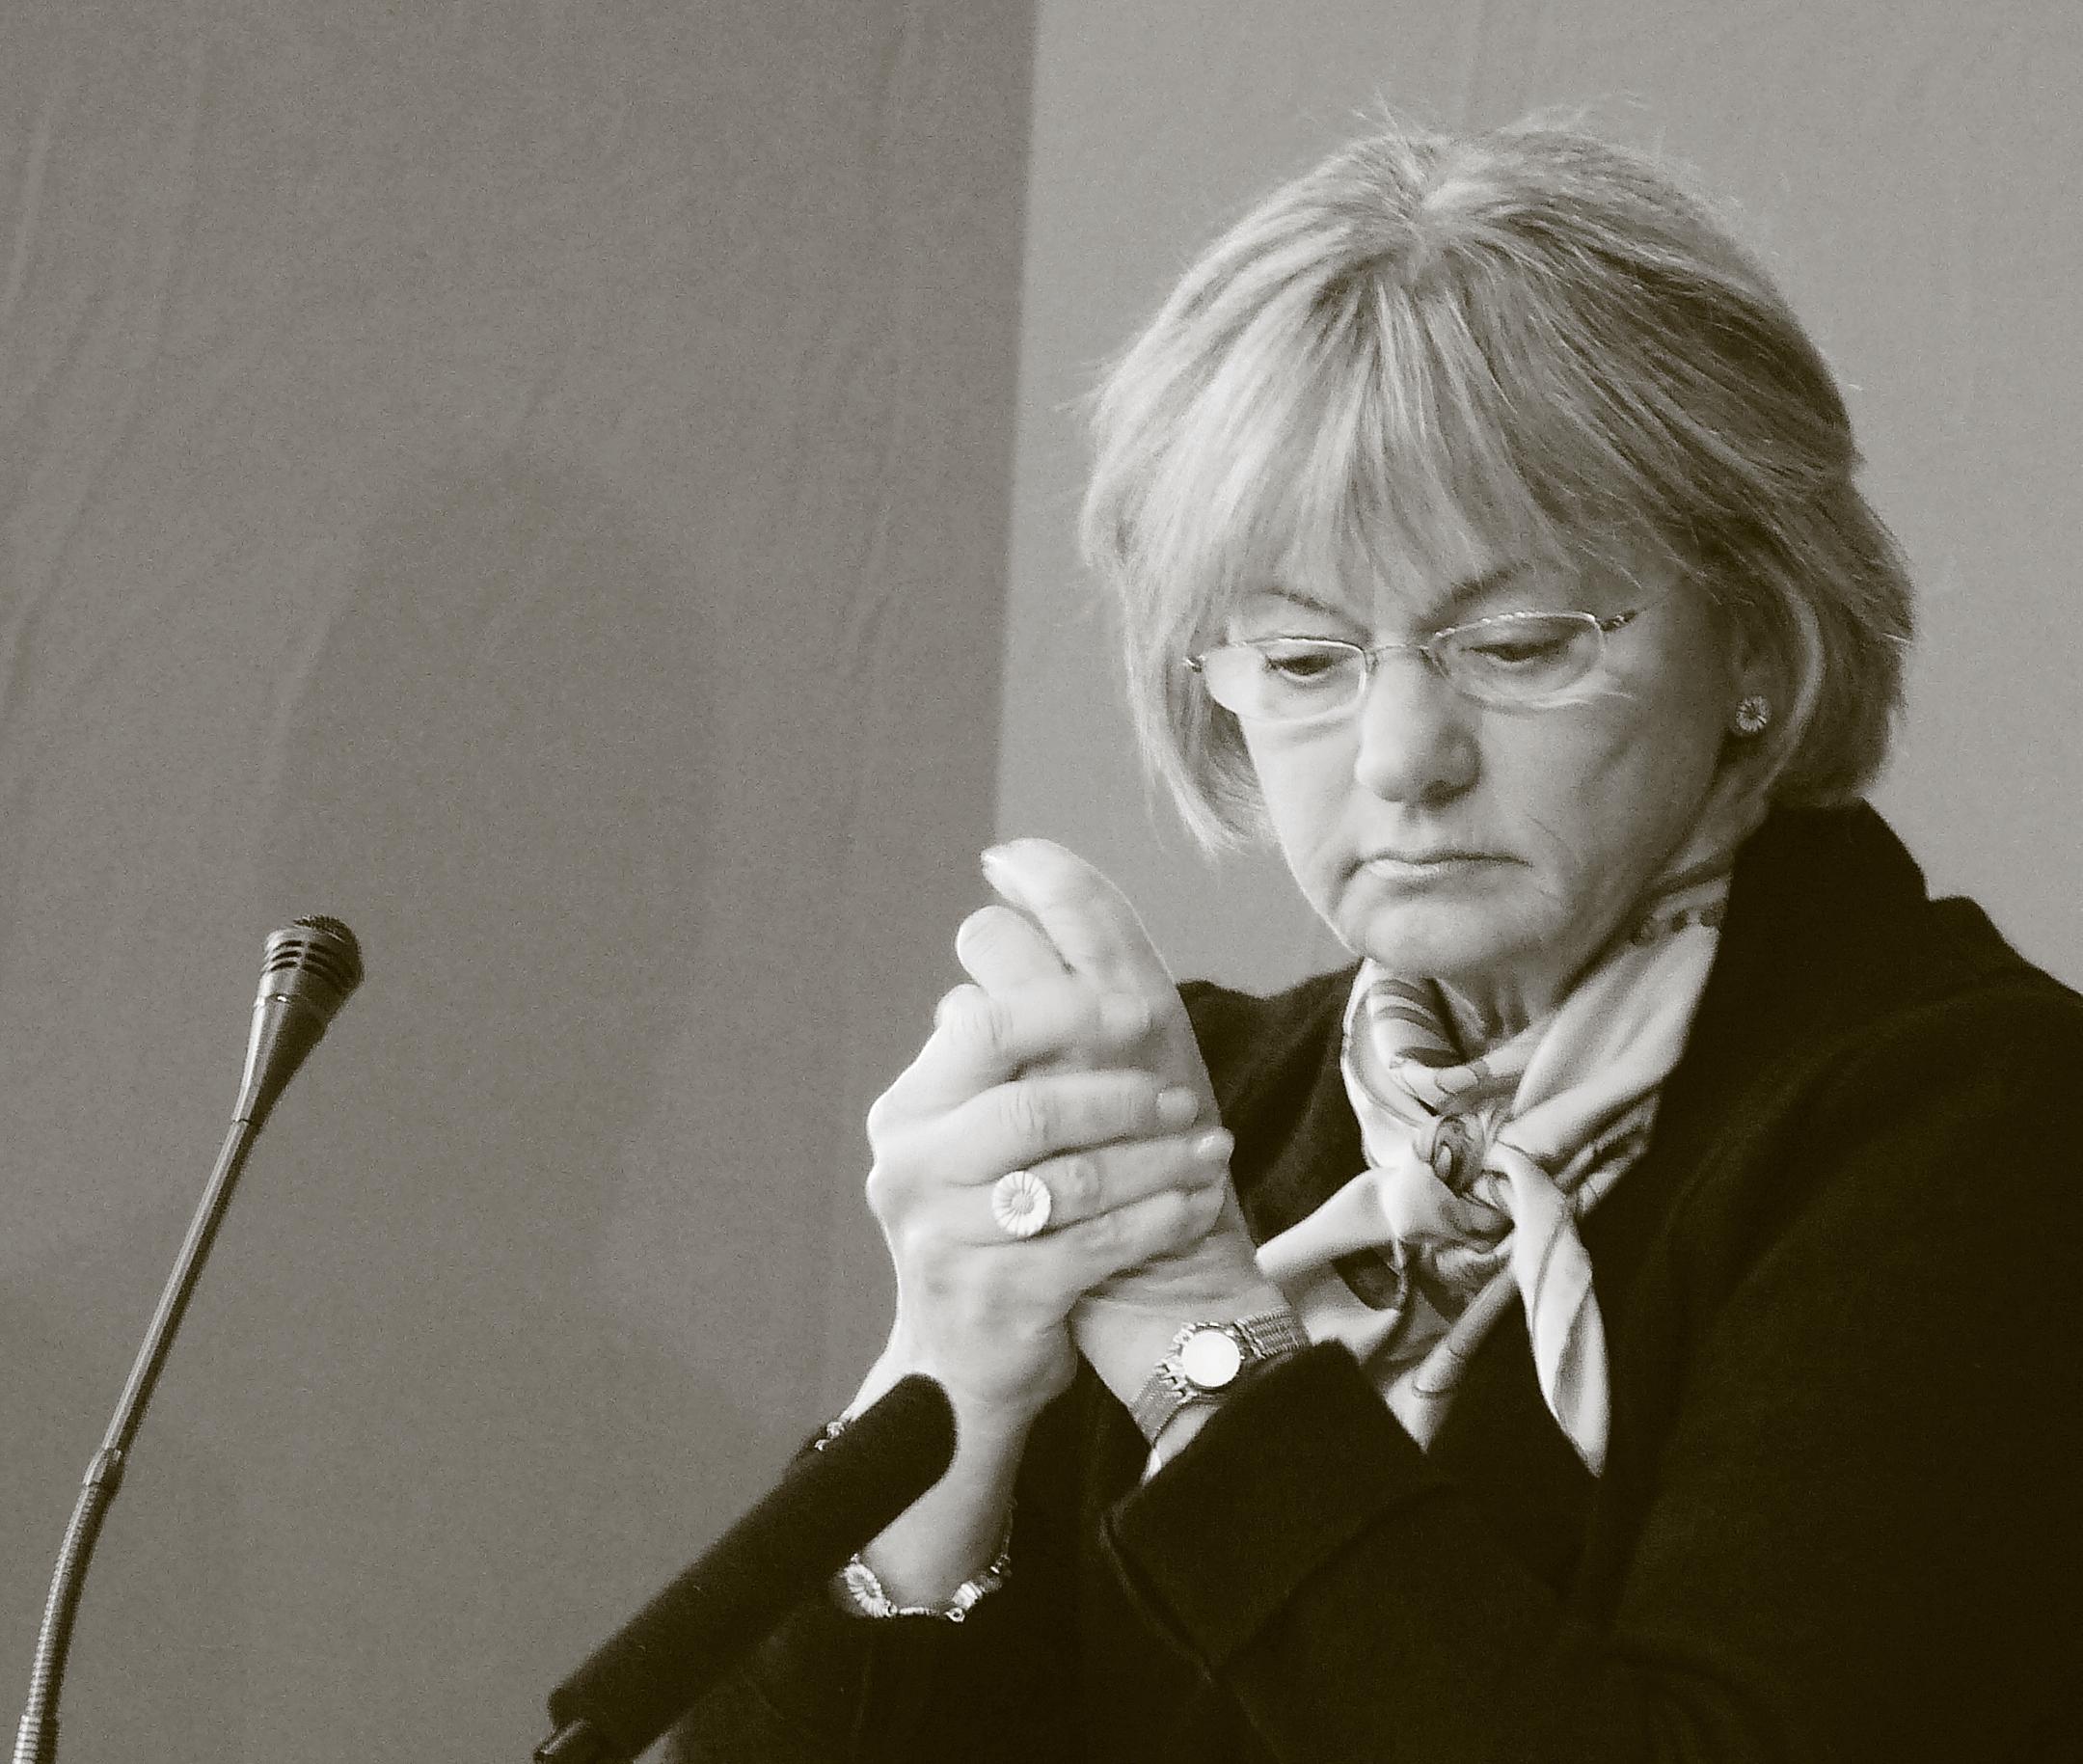 Kansanpuolueen puheenjohtaja Pia Kjærsgaard